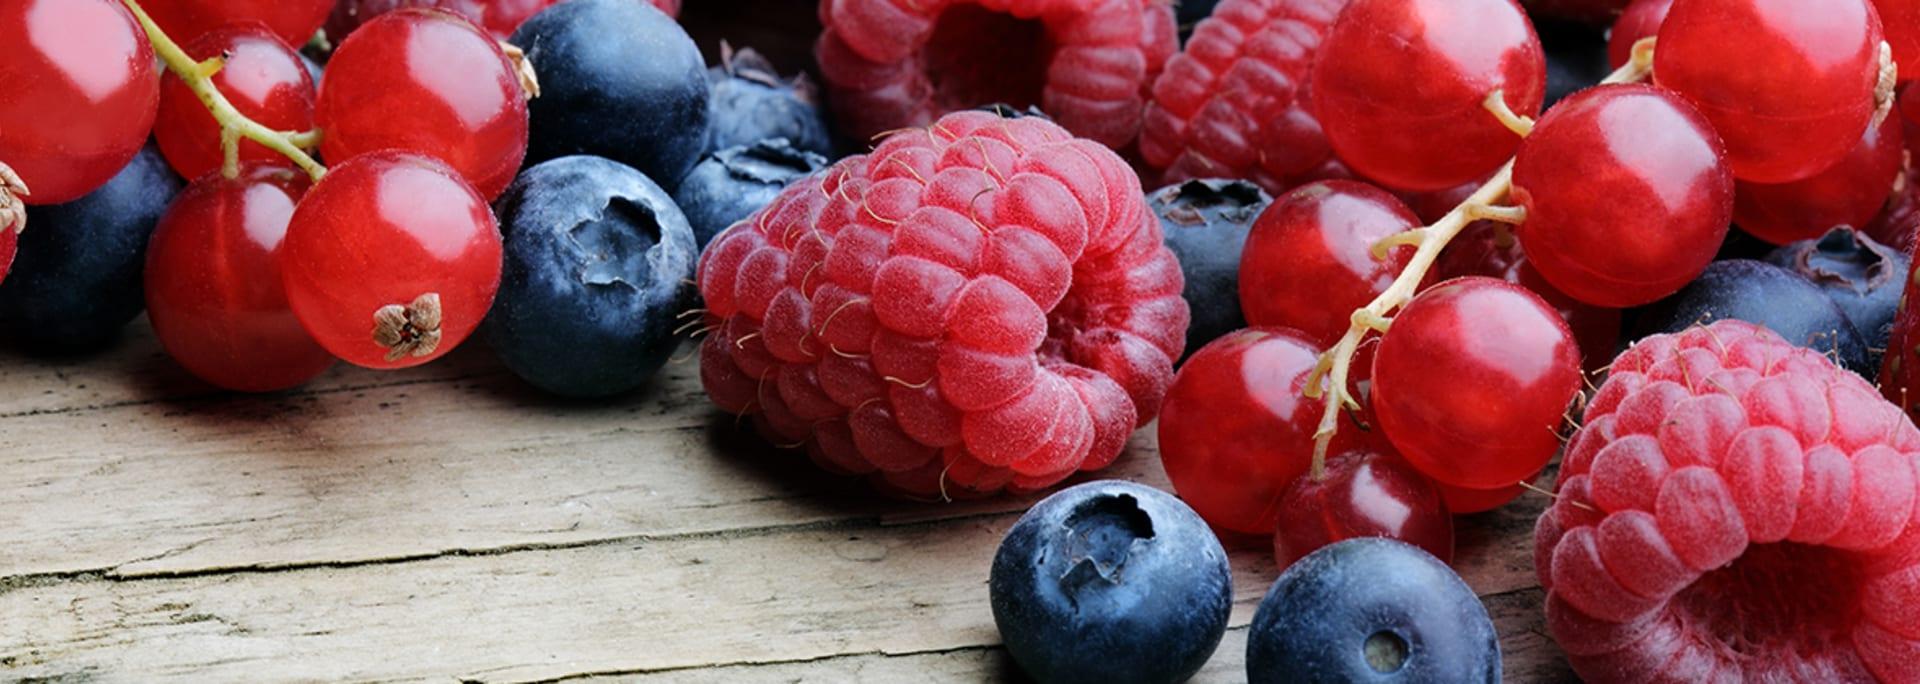 Meyve Çeşitliliği